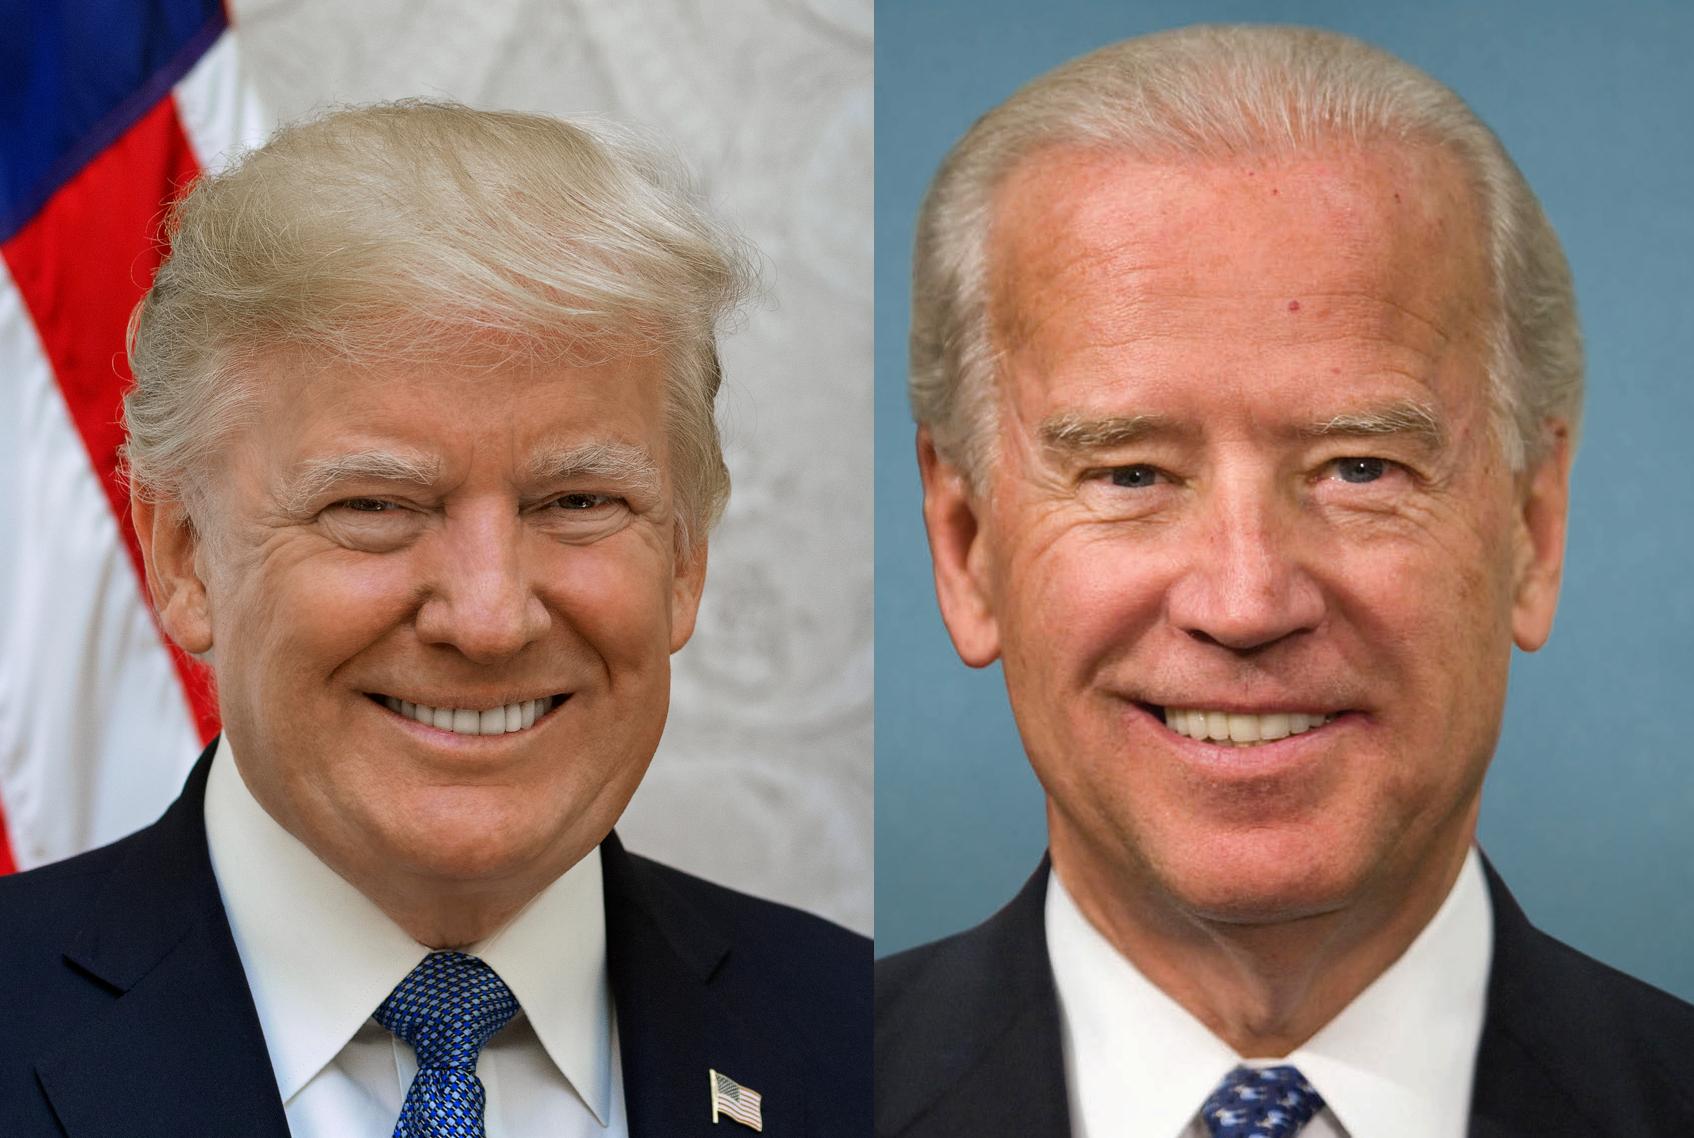 Photographs of Donald Trump and Joe Biden